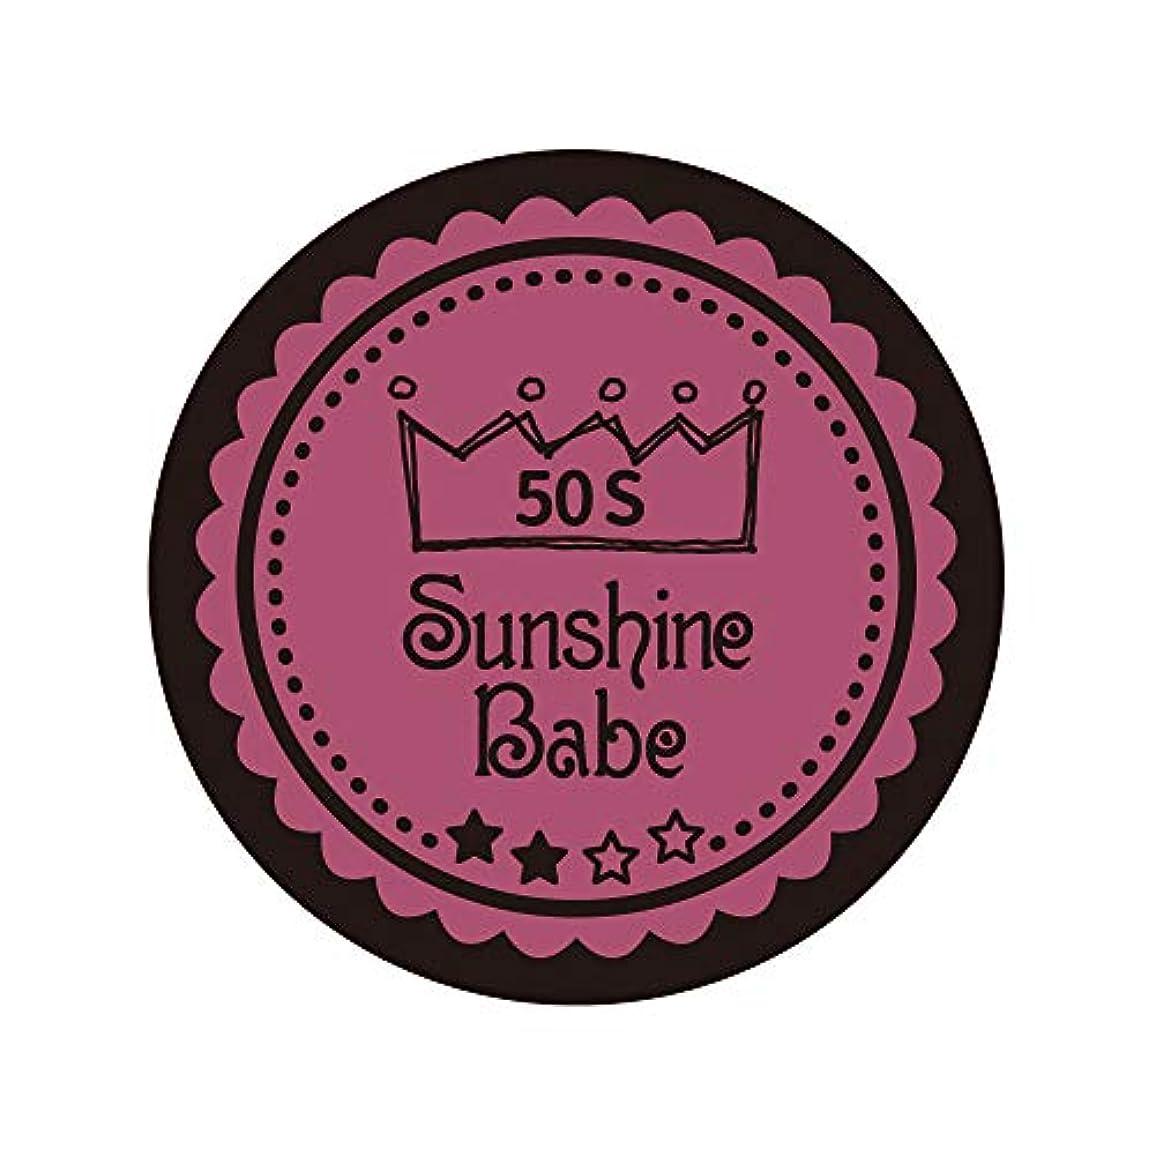 驚くべき民間人昆虫Sunshine Babe カラージェル 50S ベイクドピンク 4g UV/LED対応